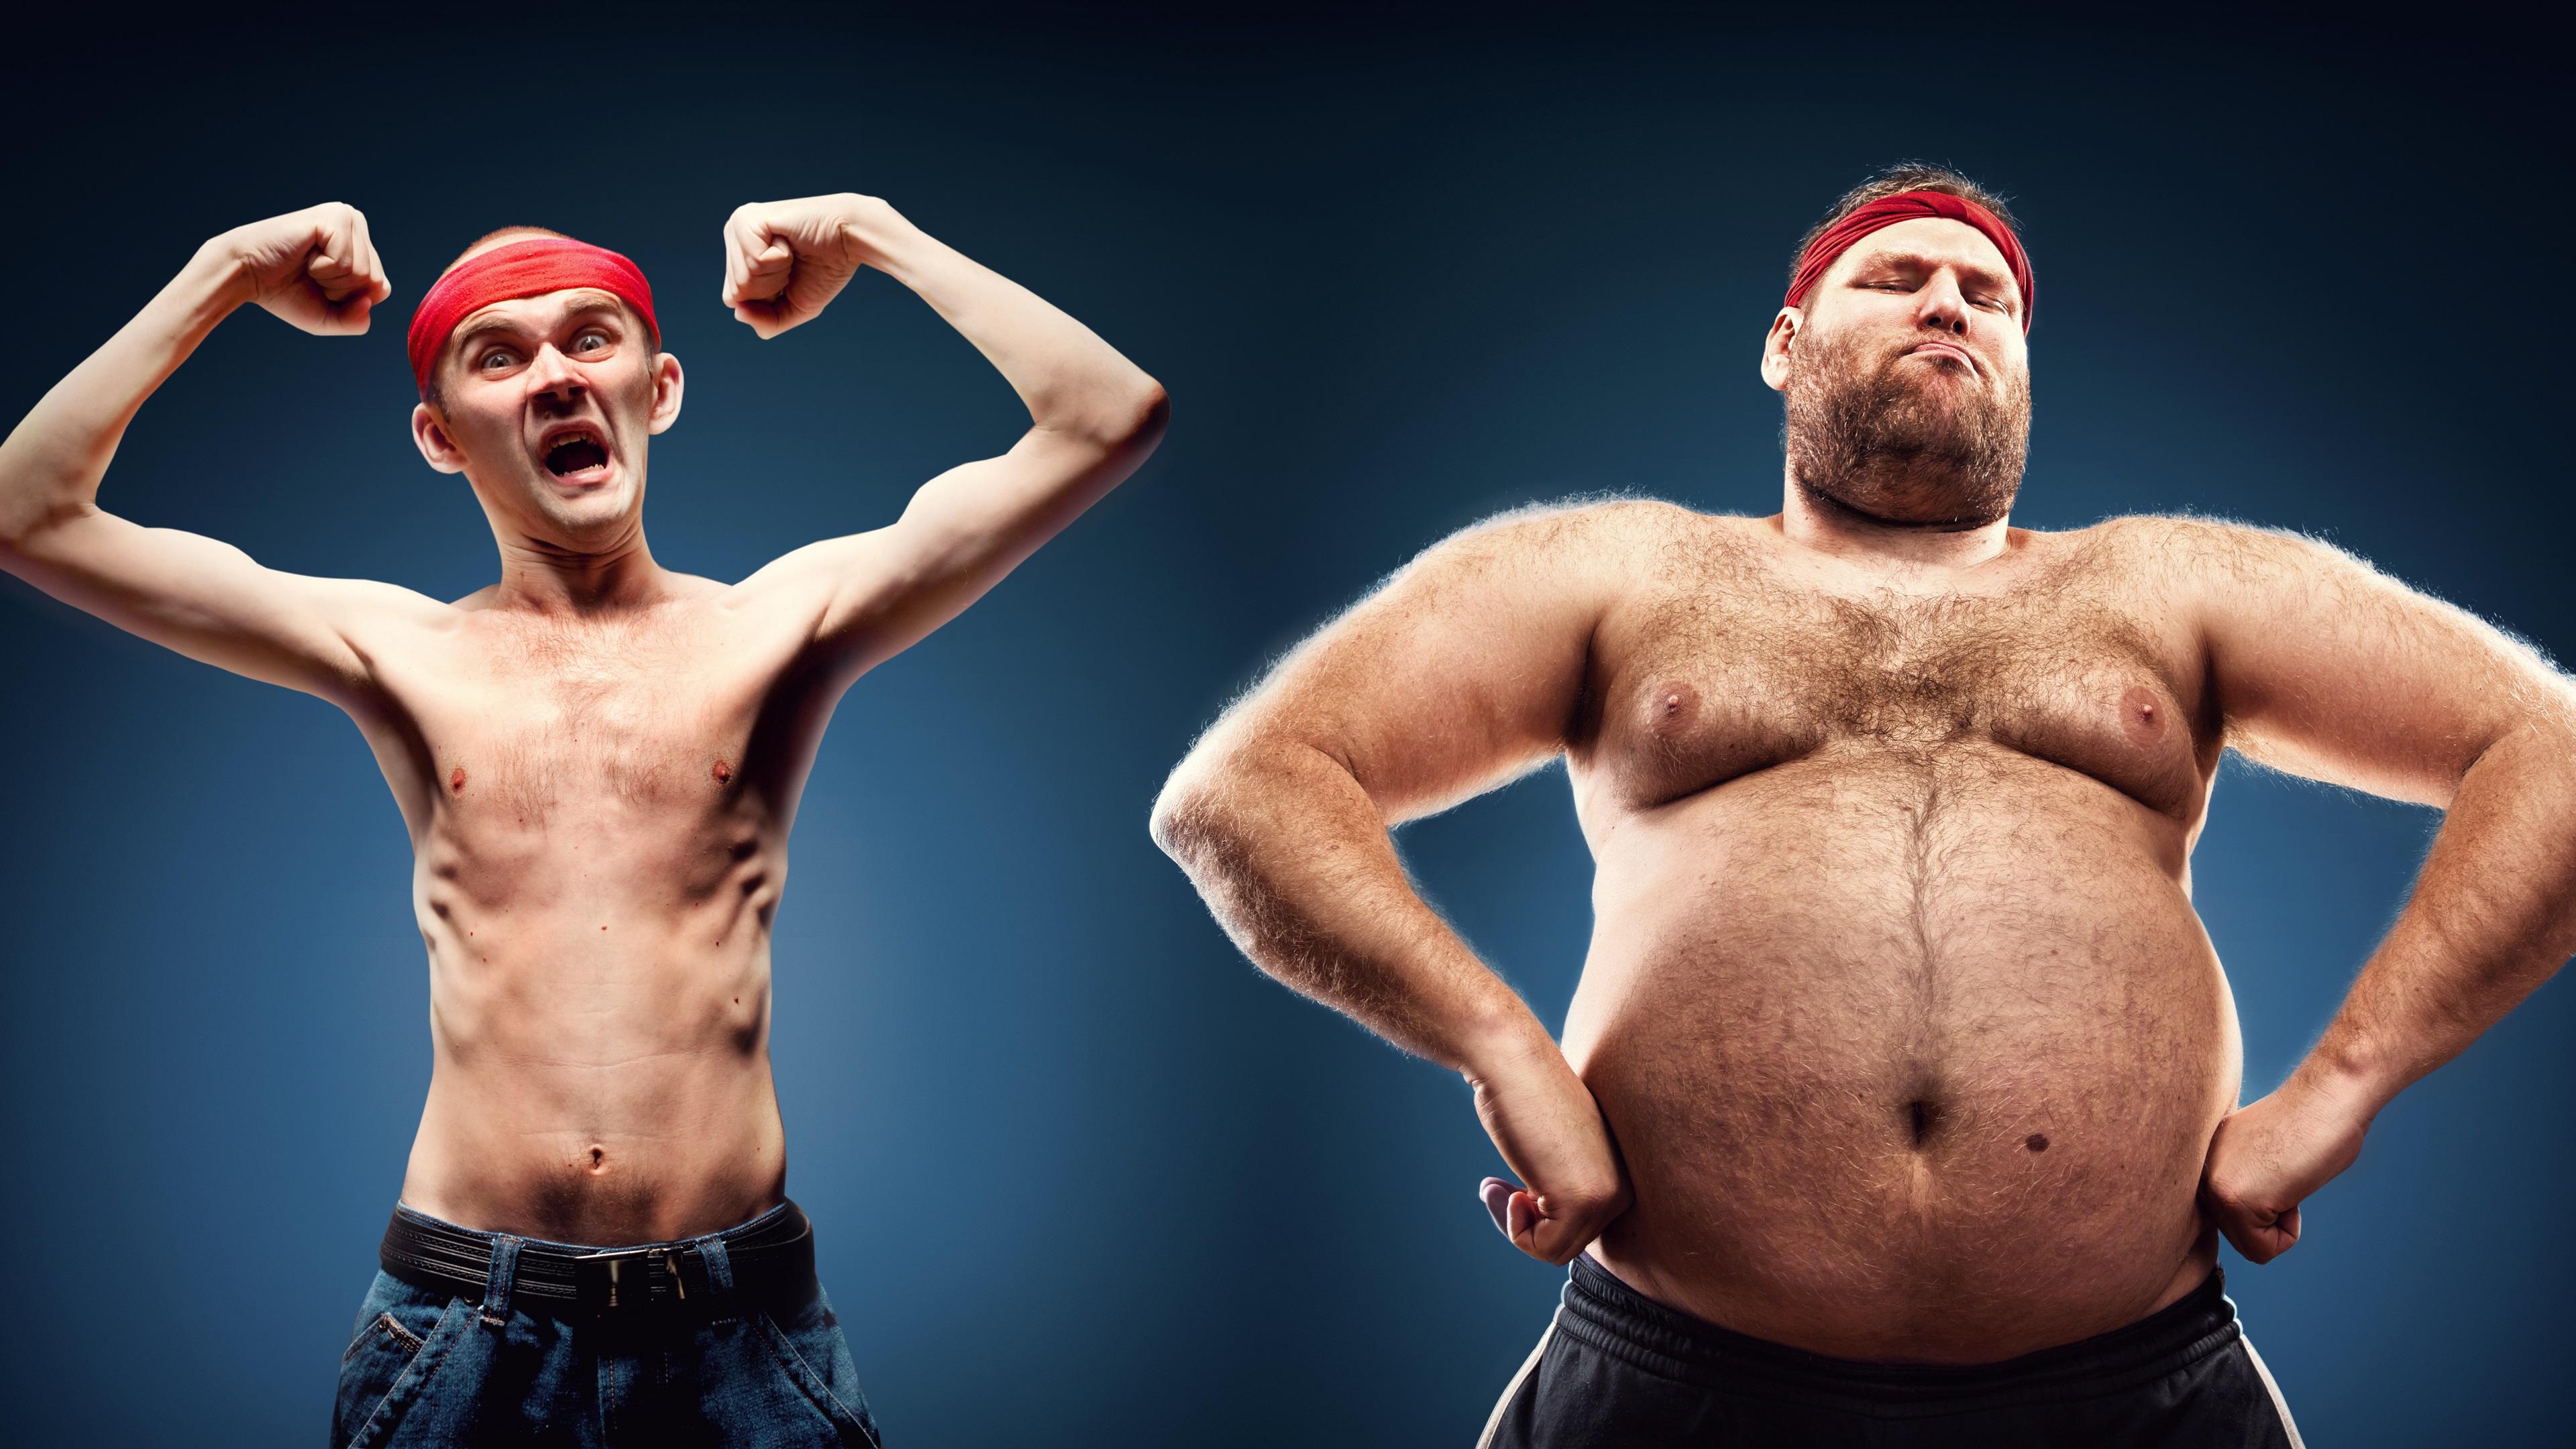 fette männer